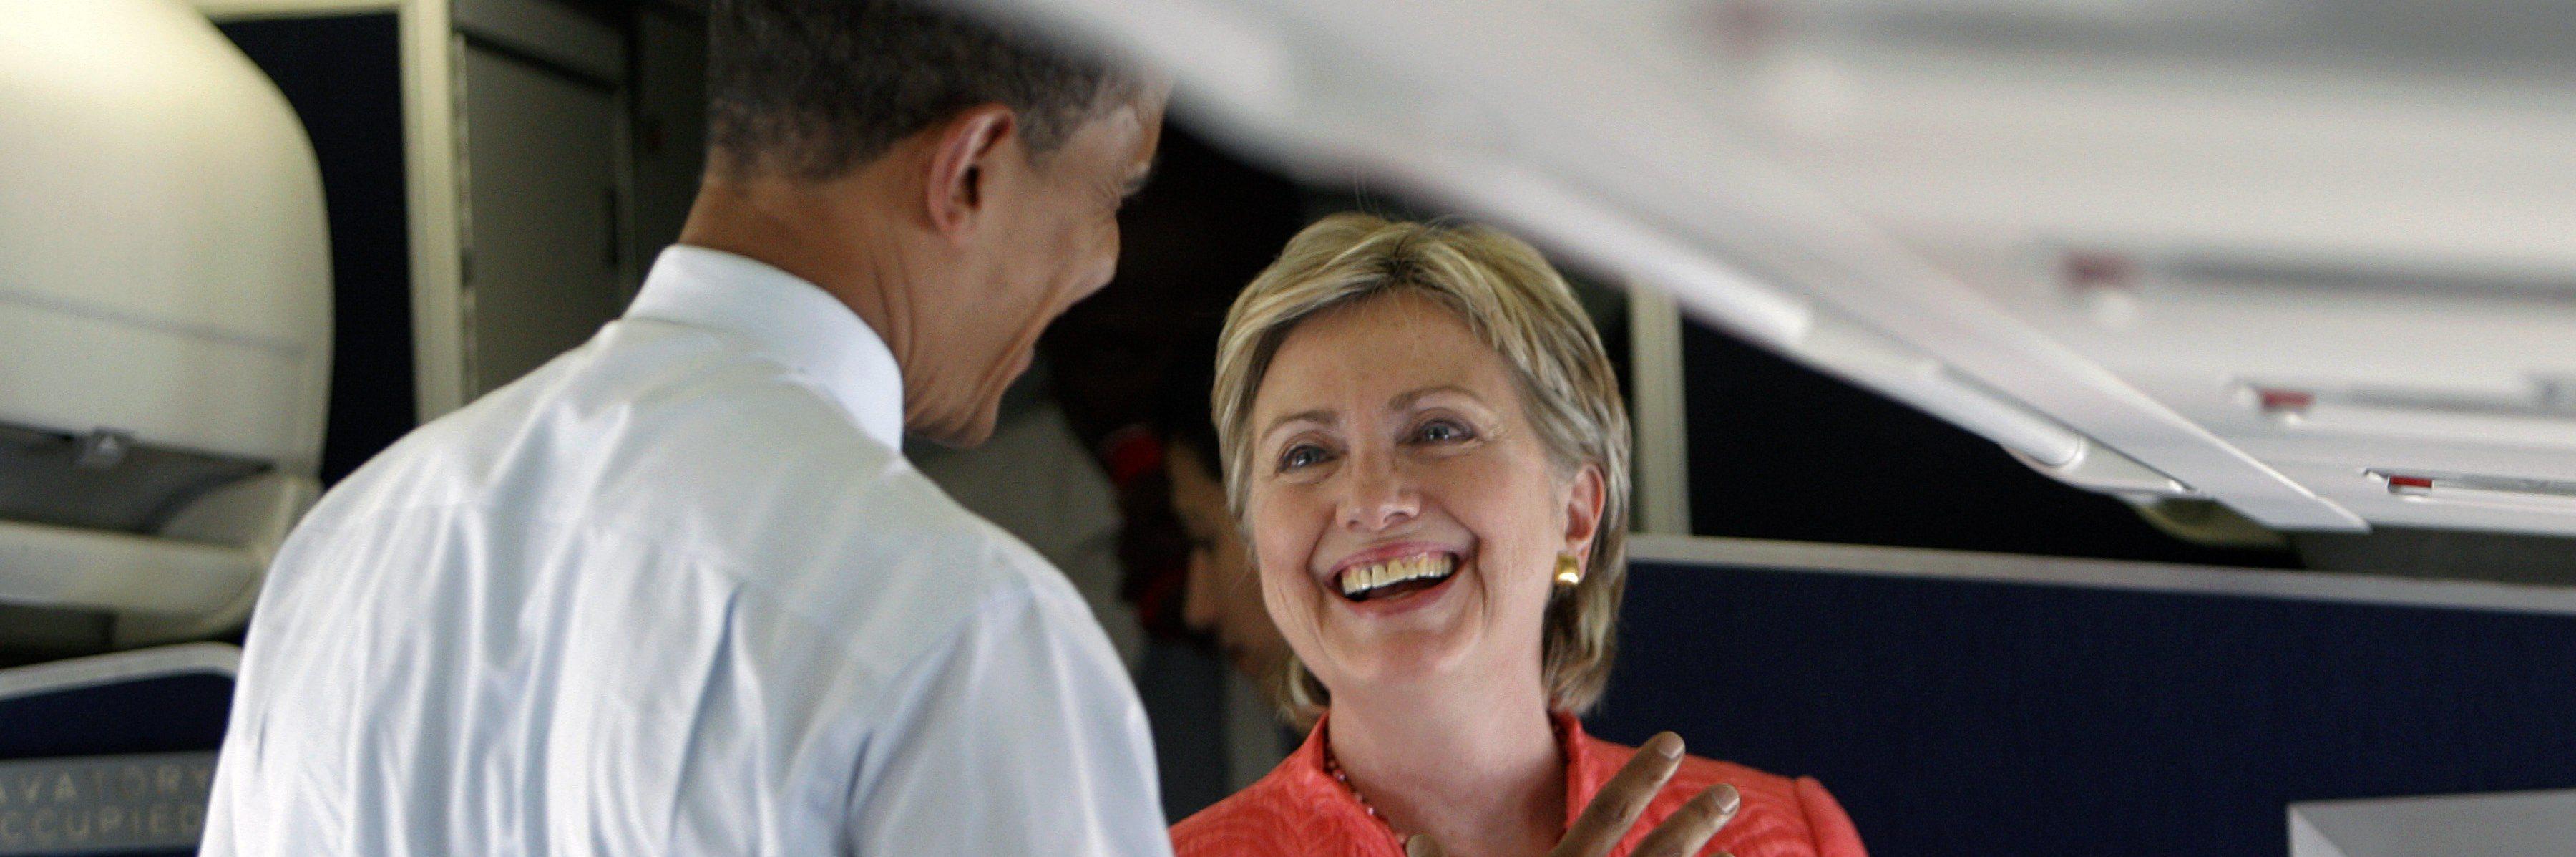 Nuove rivelazioni sul Russiagate: il ruolo di Clinton e Obama